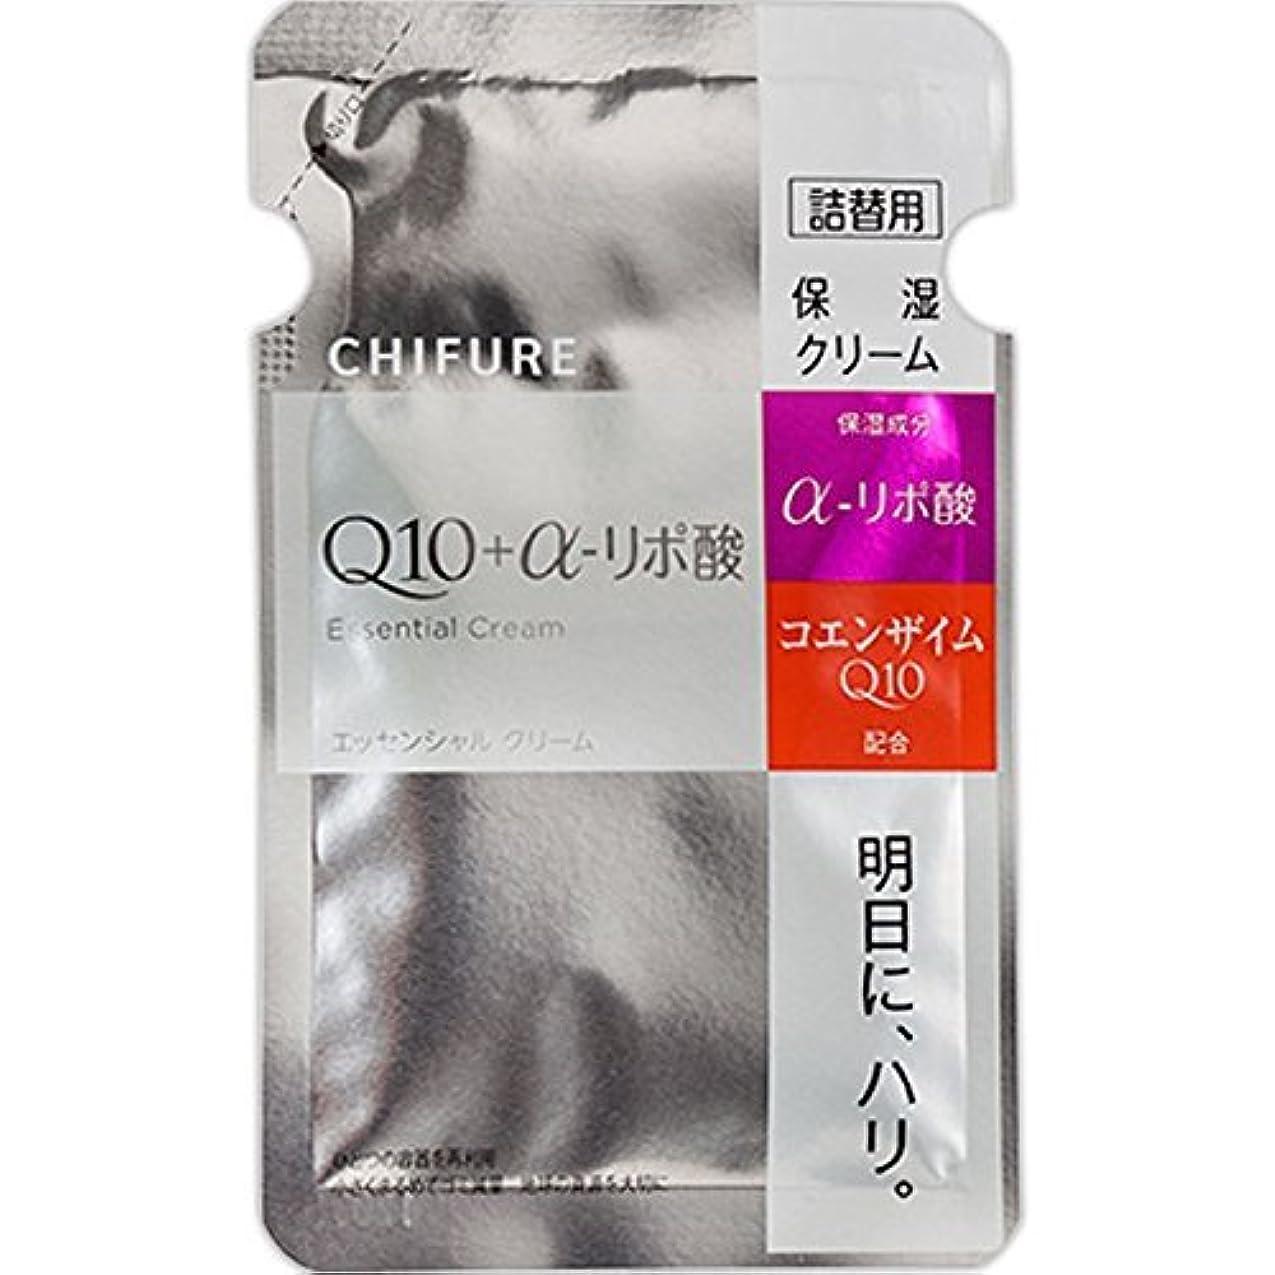 耐えるオペレーター導出ちふれ化粧品 エッセンシャル クリーム 詰替用 30G